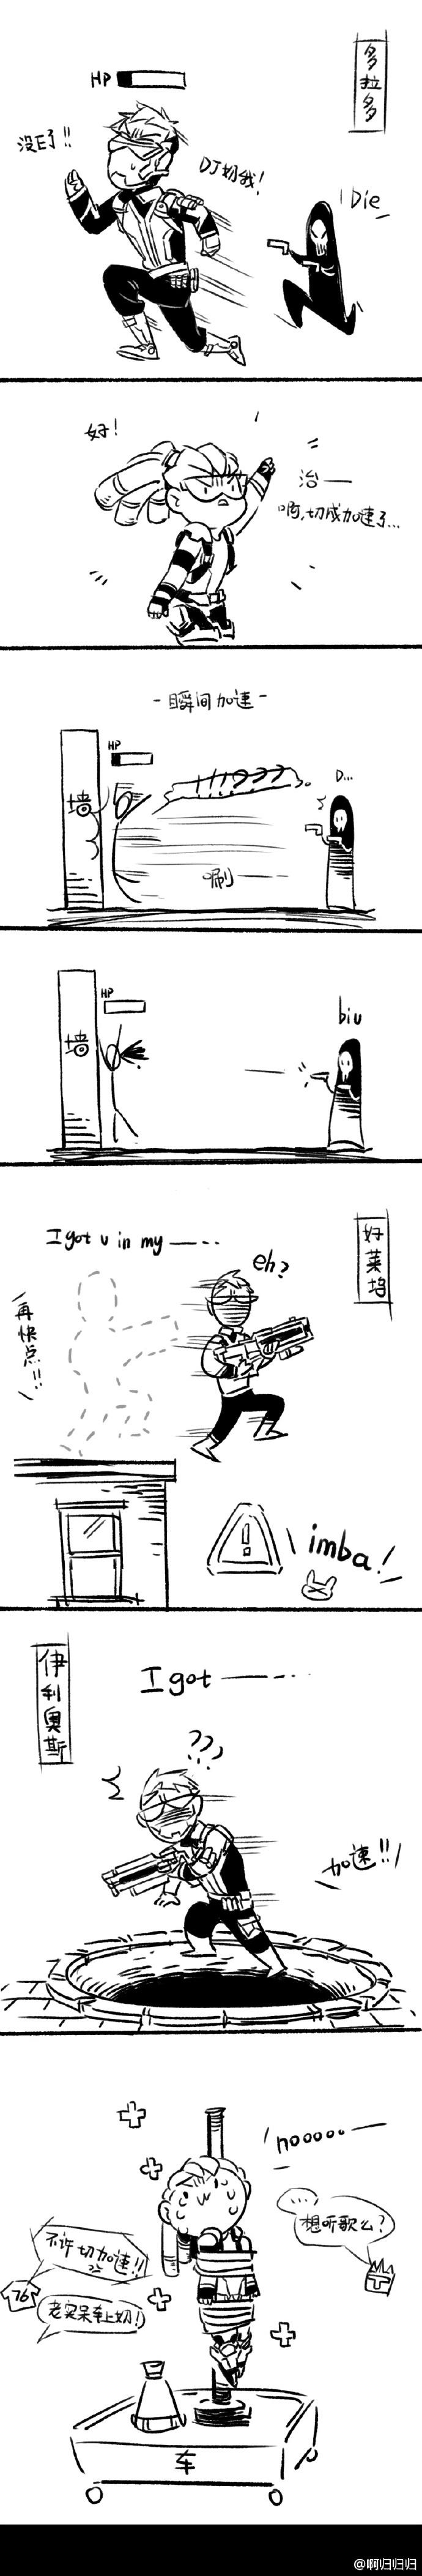 守望先锋搞笑漫画 (13).jpg